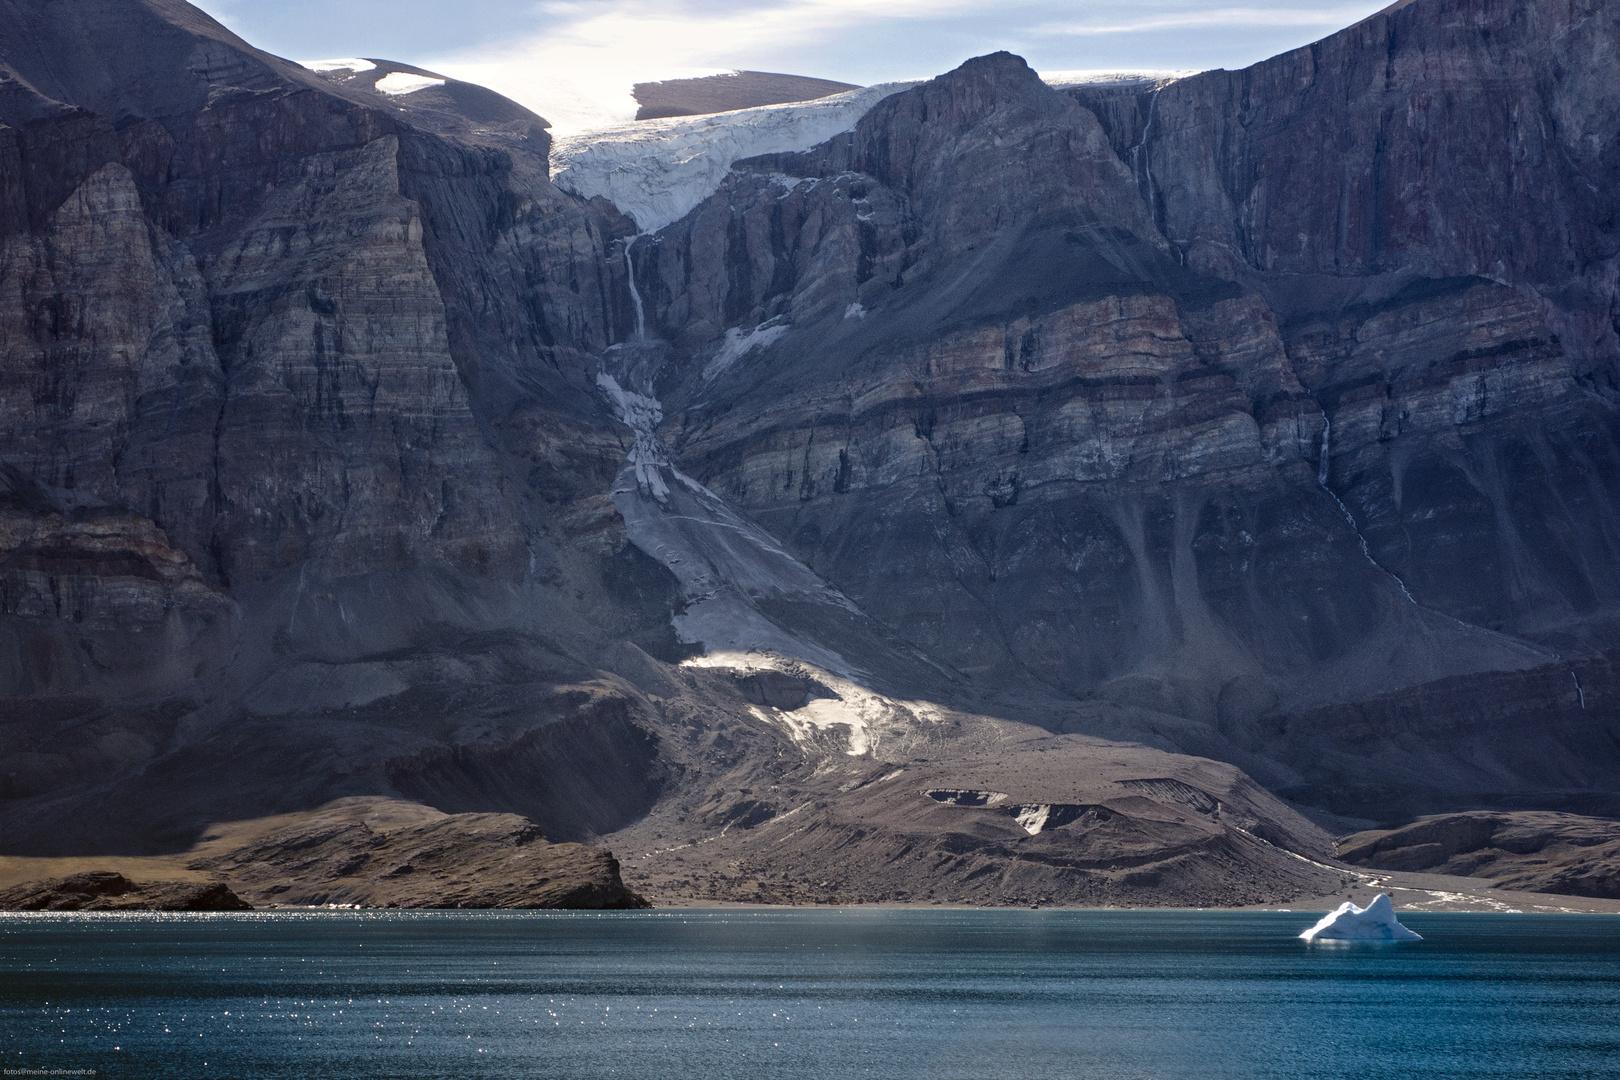 Kaiser-Franz-Josef-Fjord in Grönland